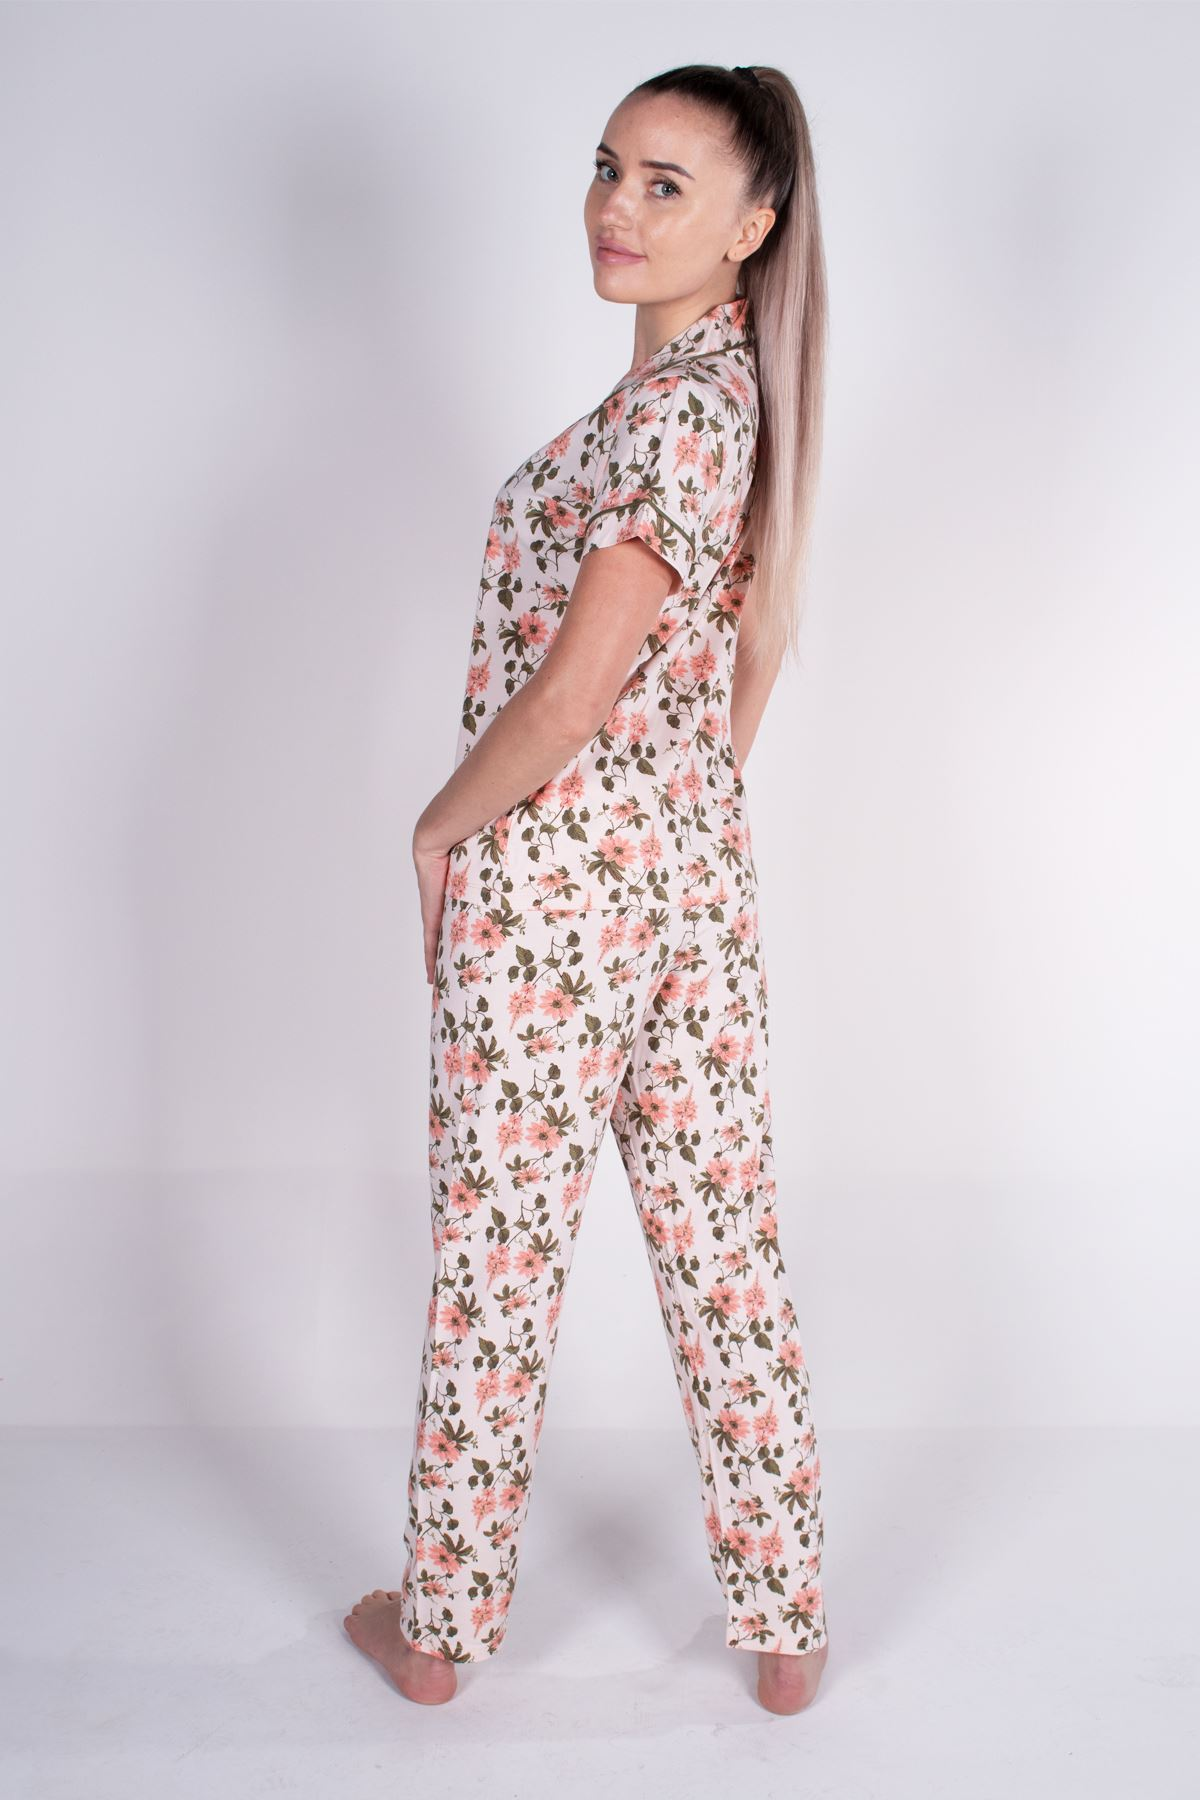 Malabadi Kadın Yavruağzı Düğmeli Likralı Modal Yazlık Pijama Takımı 5004